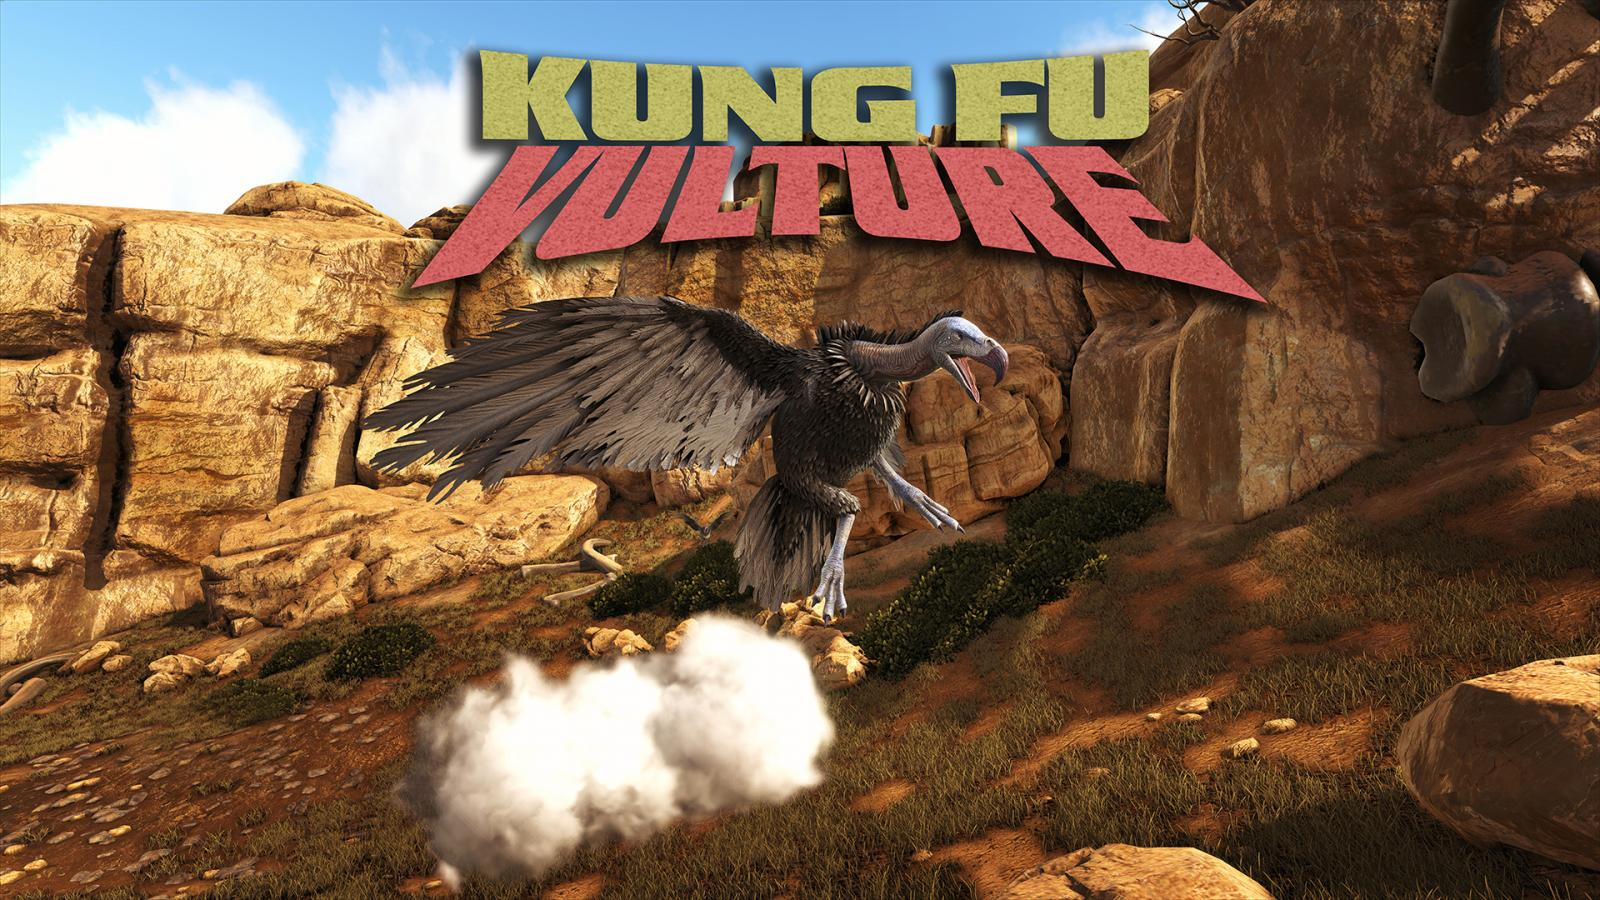 large.59e14cc53bd1f_Ego-KungFuVulture-Freeform.jpg